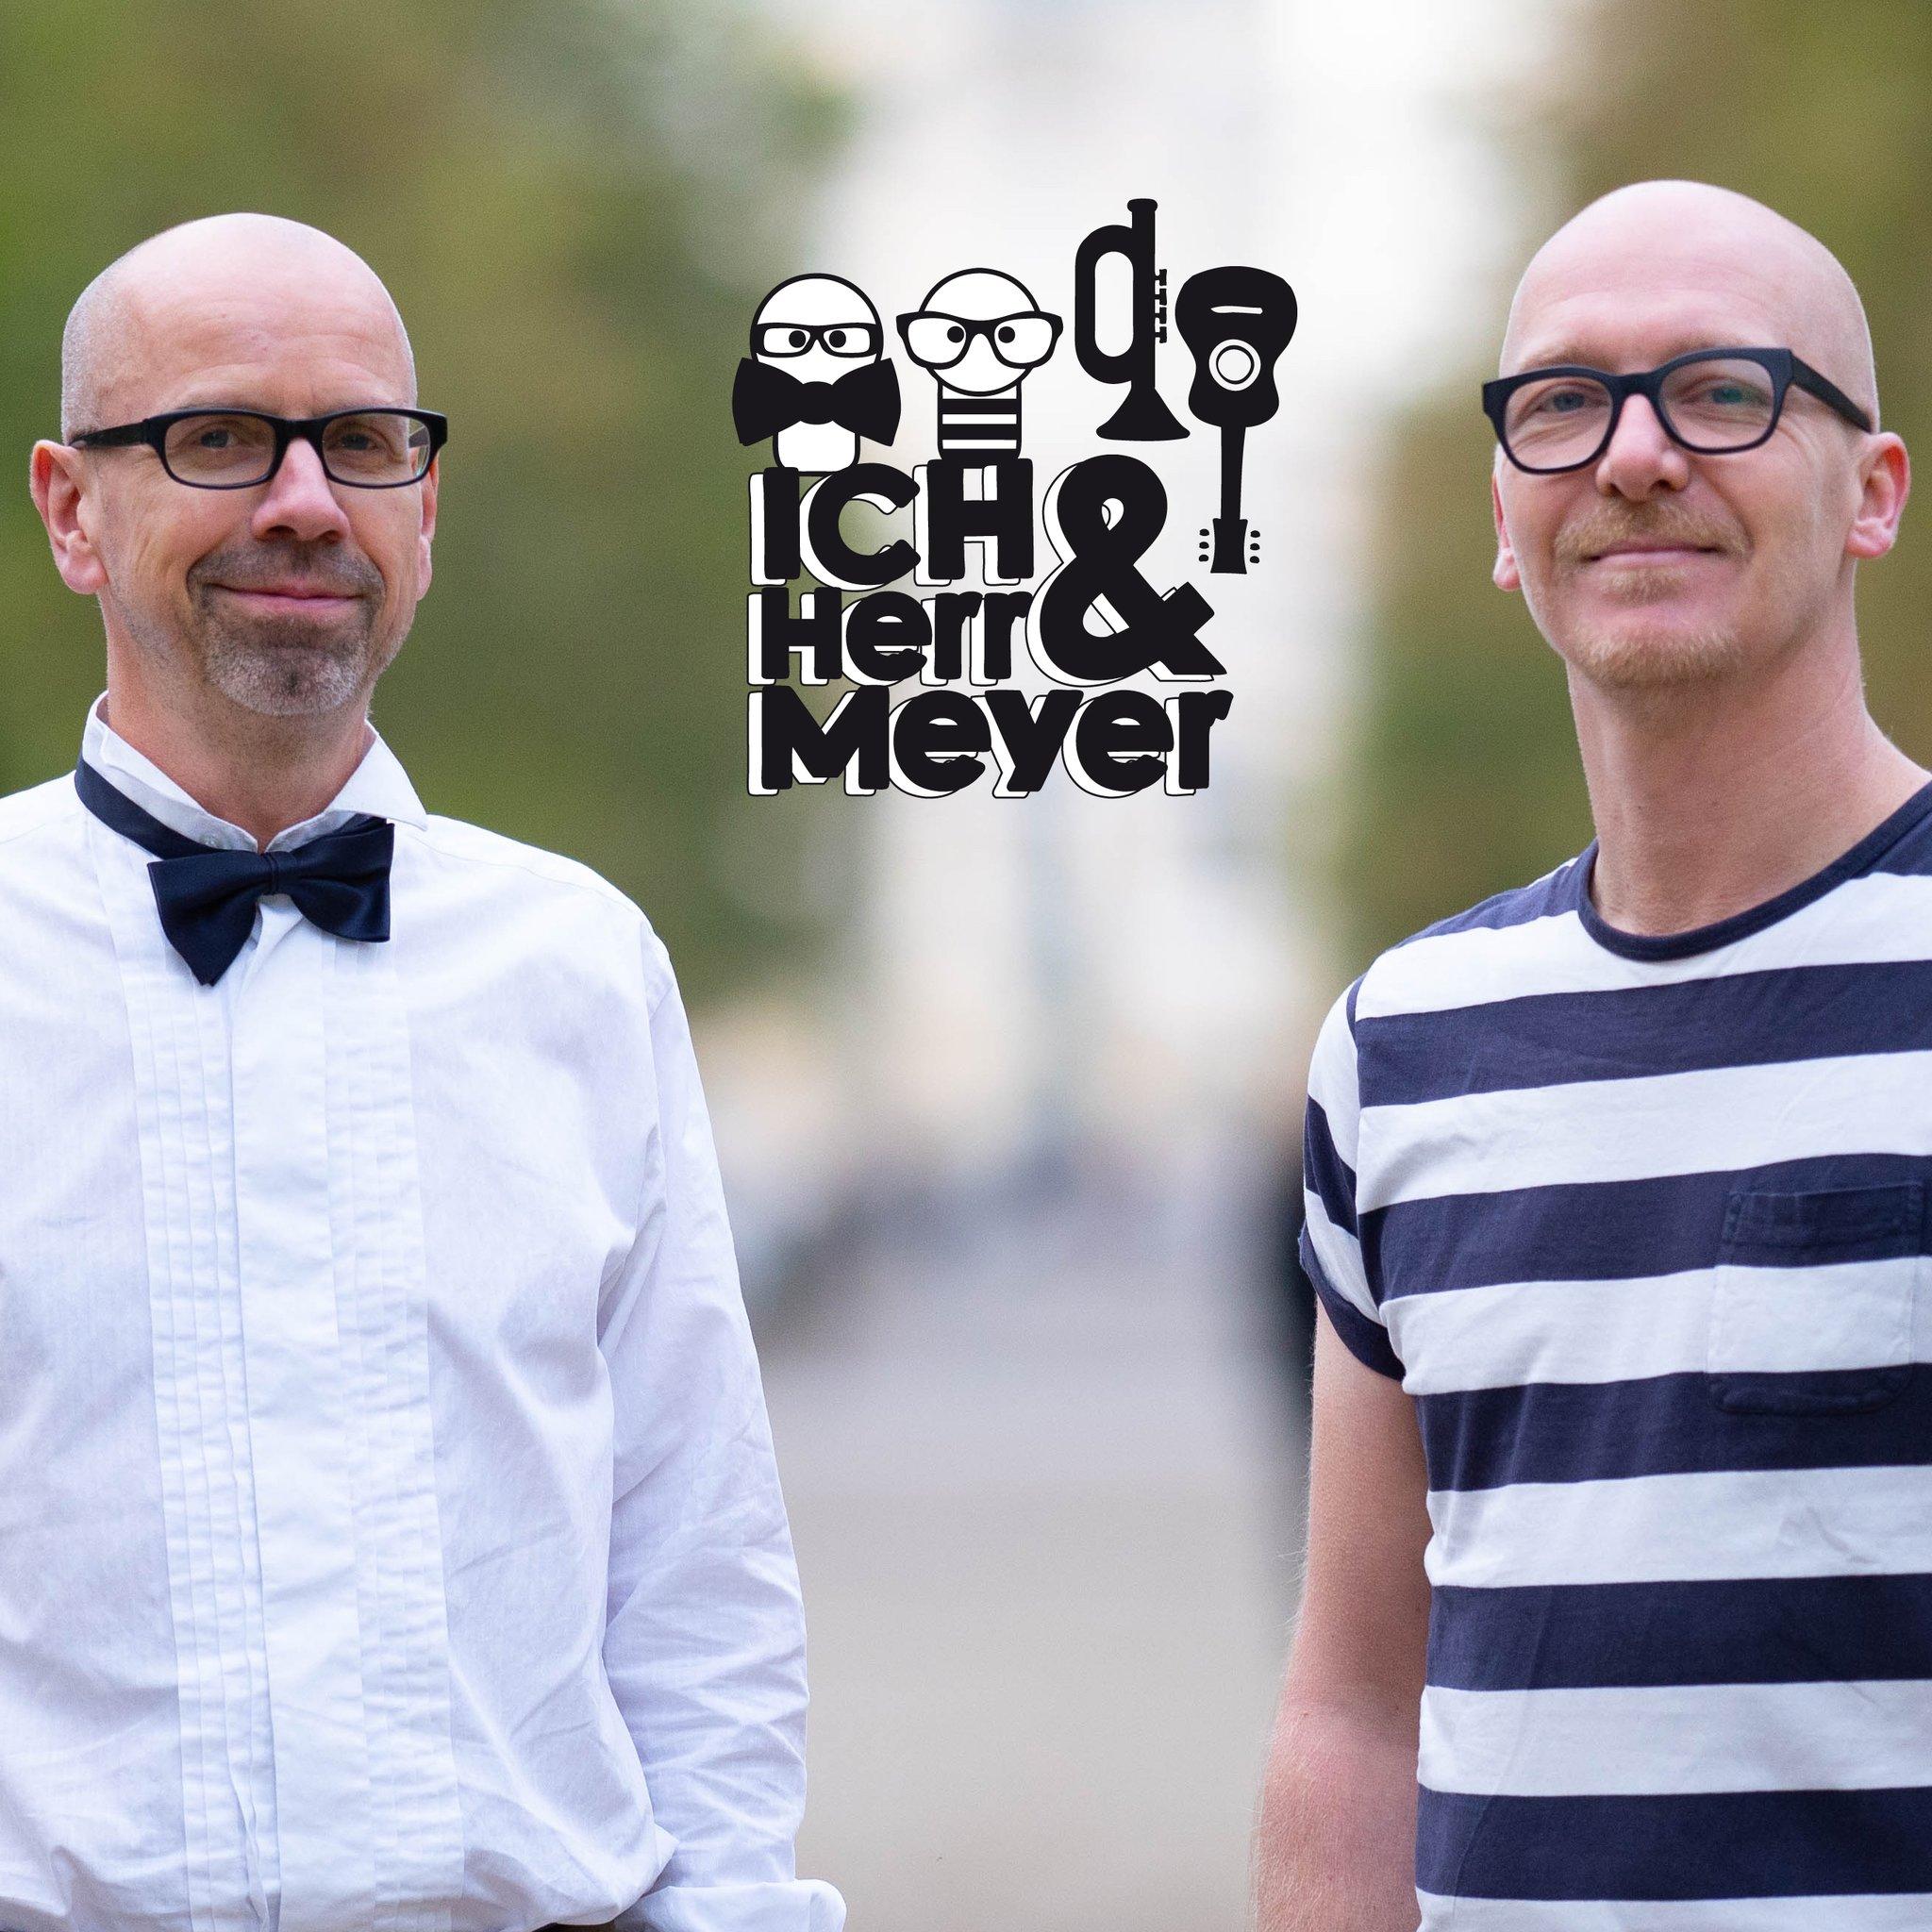 Schultour Charlottenburg: ICH  HERR MEYER planen eine Kindermusik...